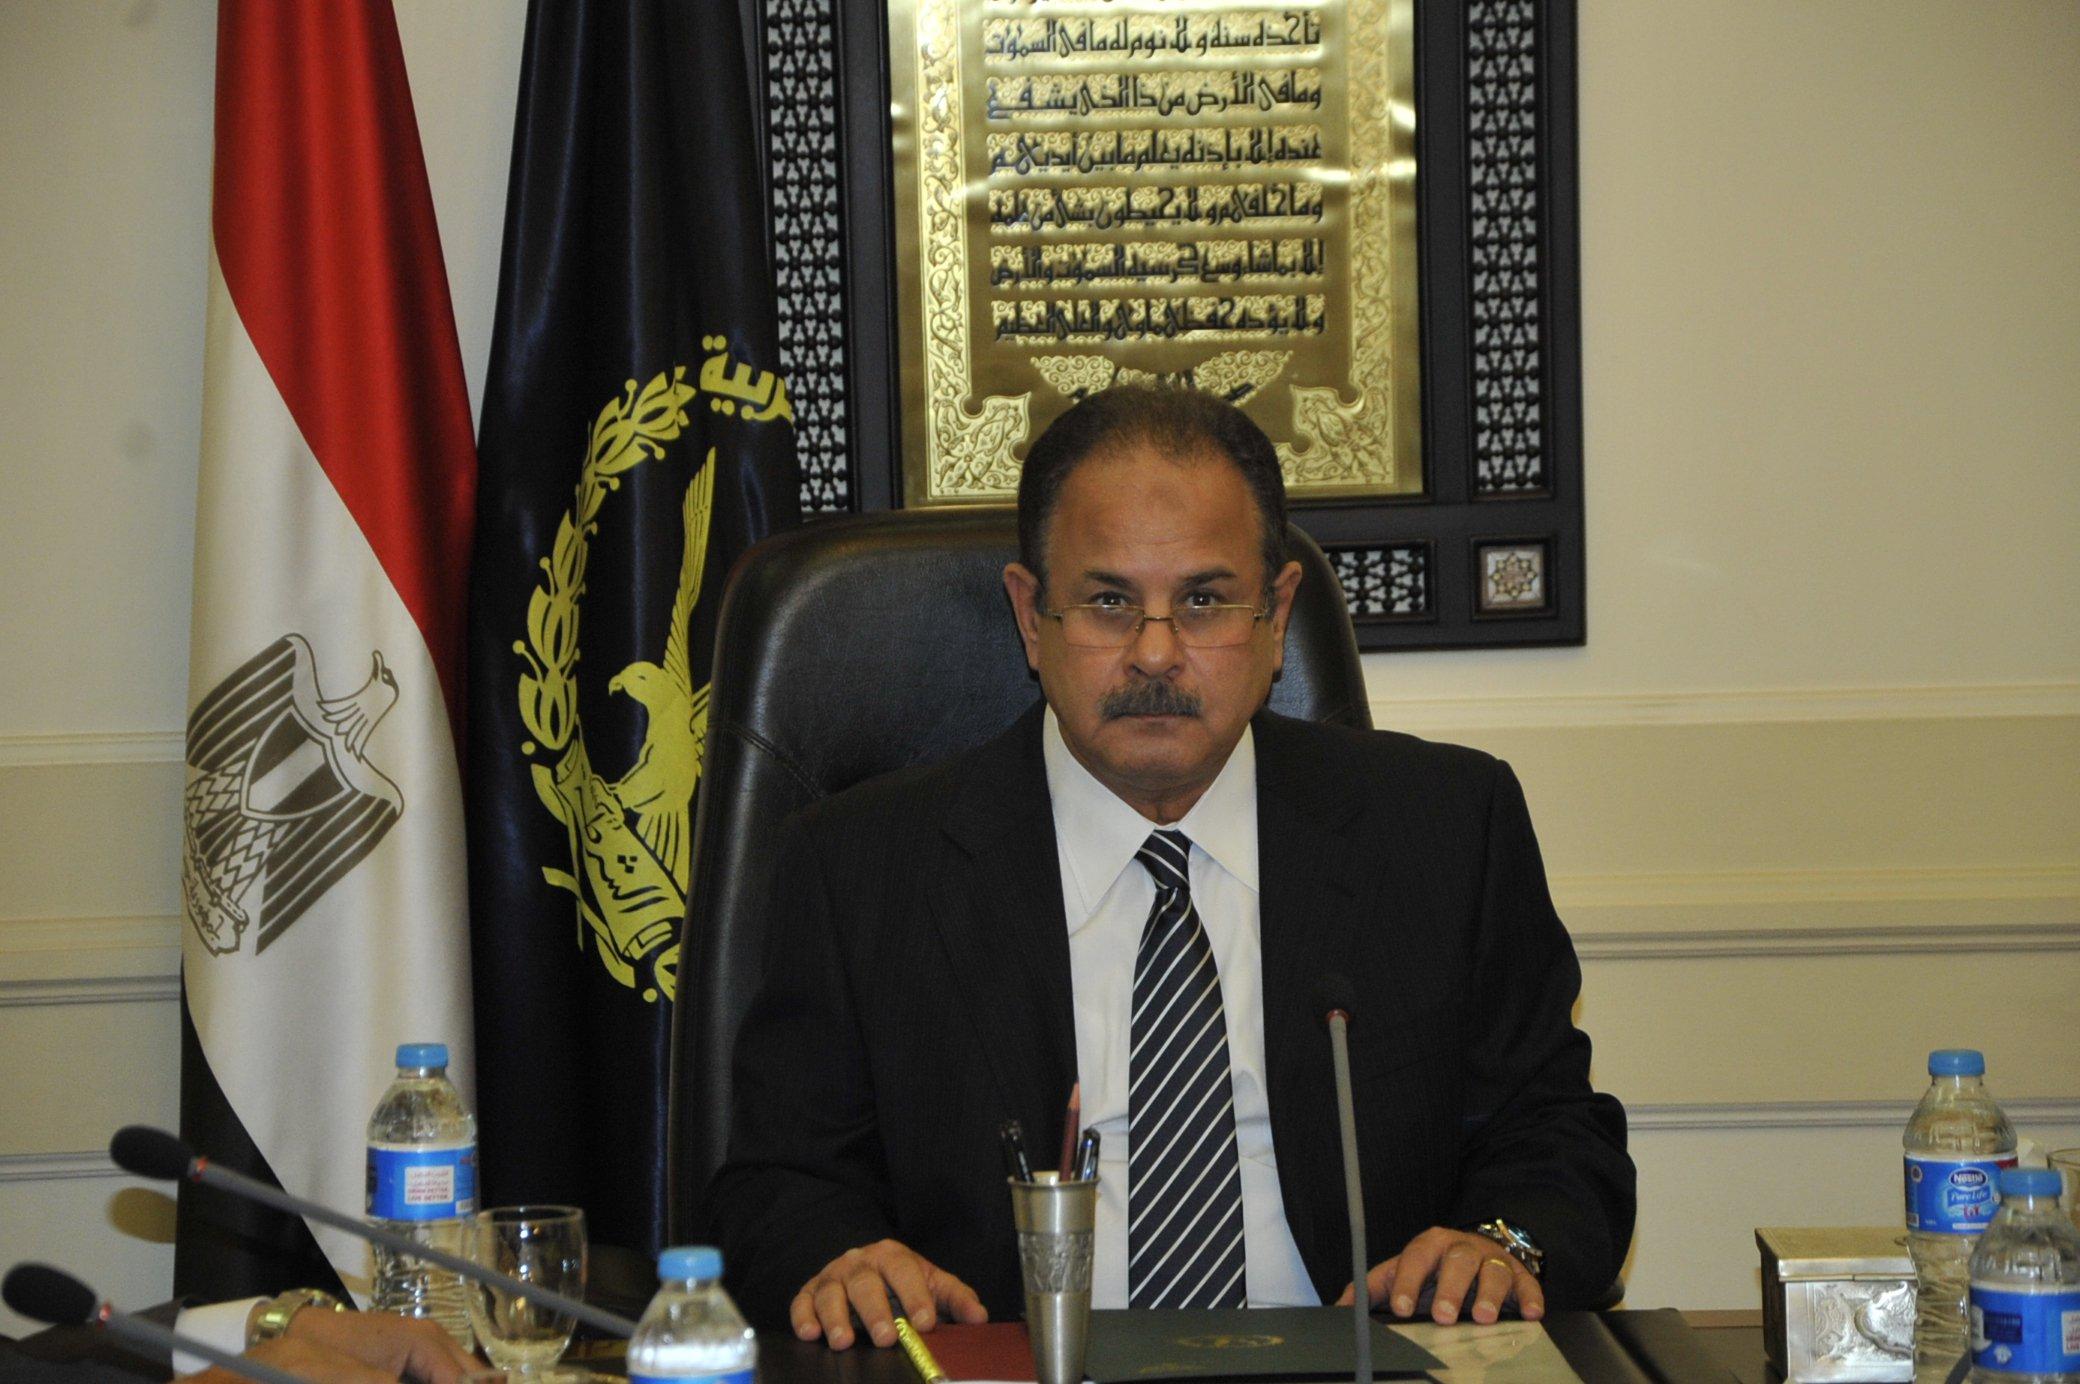 وزير الداخلية يقرر إبعاد شخصين خارج البلاد لأسباب تتعلق بالصالح العام